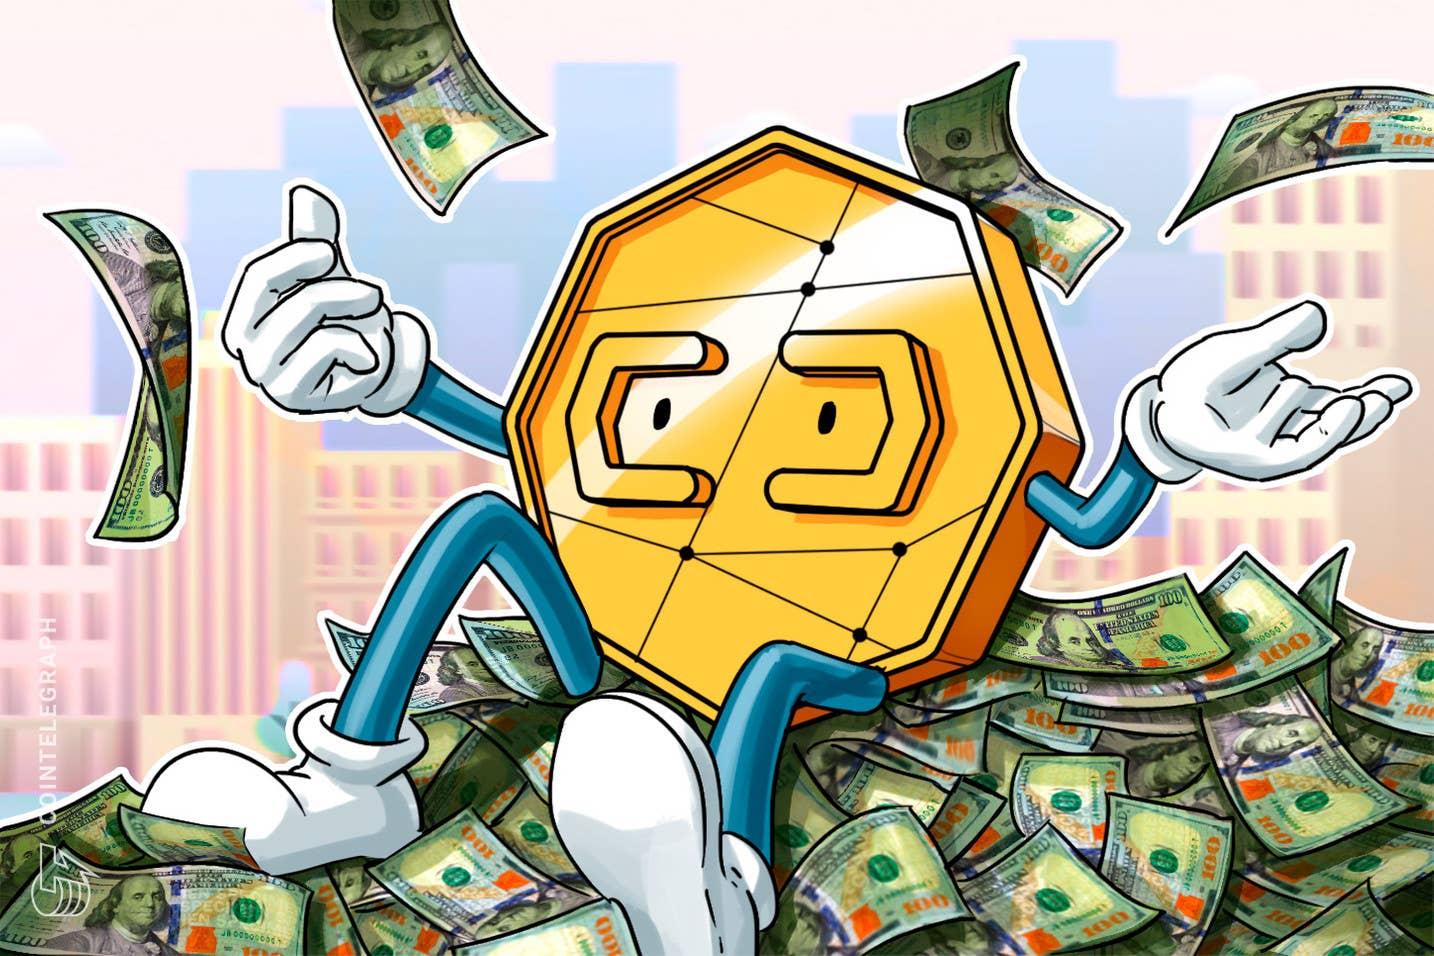 Касата на Bitcoin на MicroStrategy надвишава паричните средства, държани от 80% от S&P 500 нефинансови компании